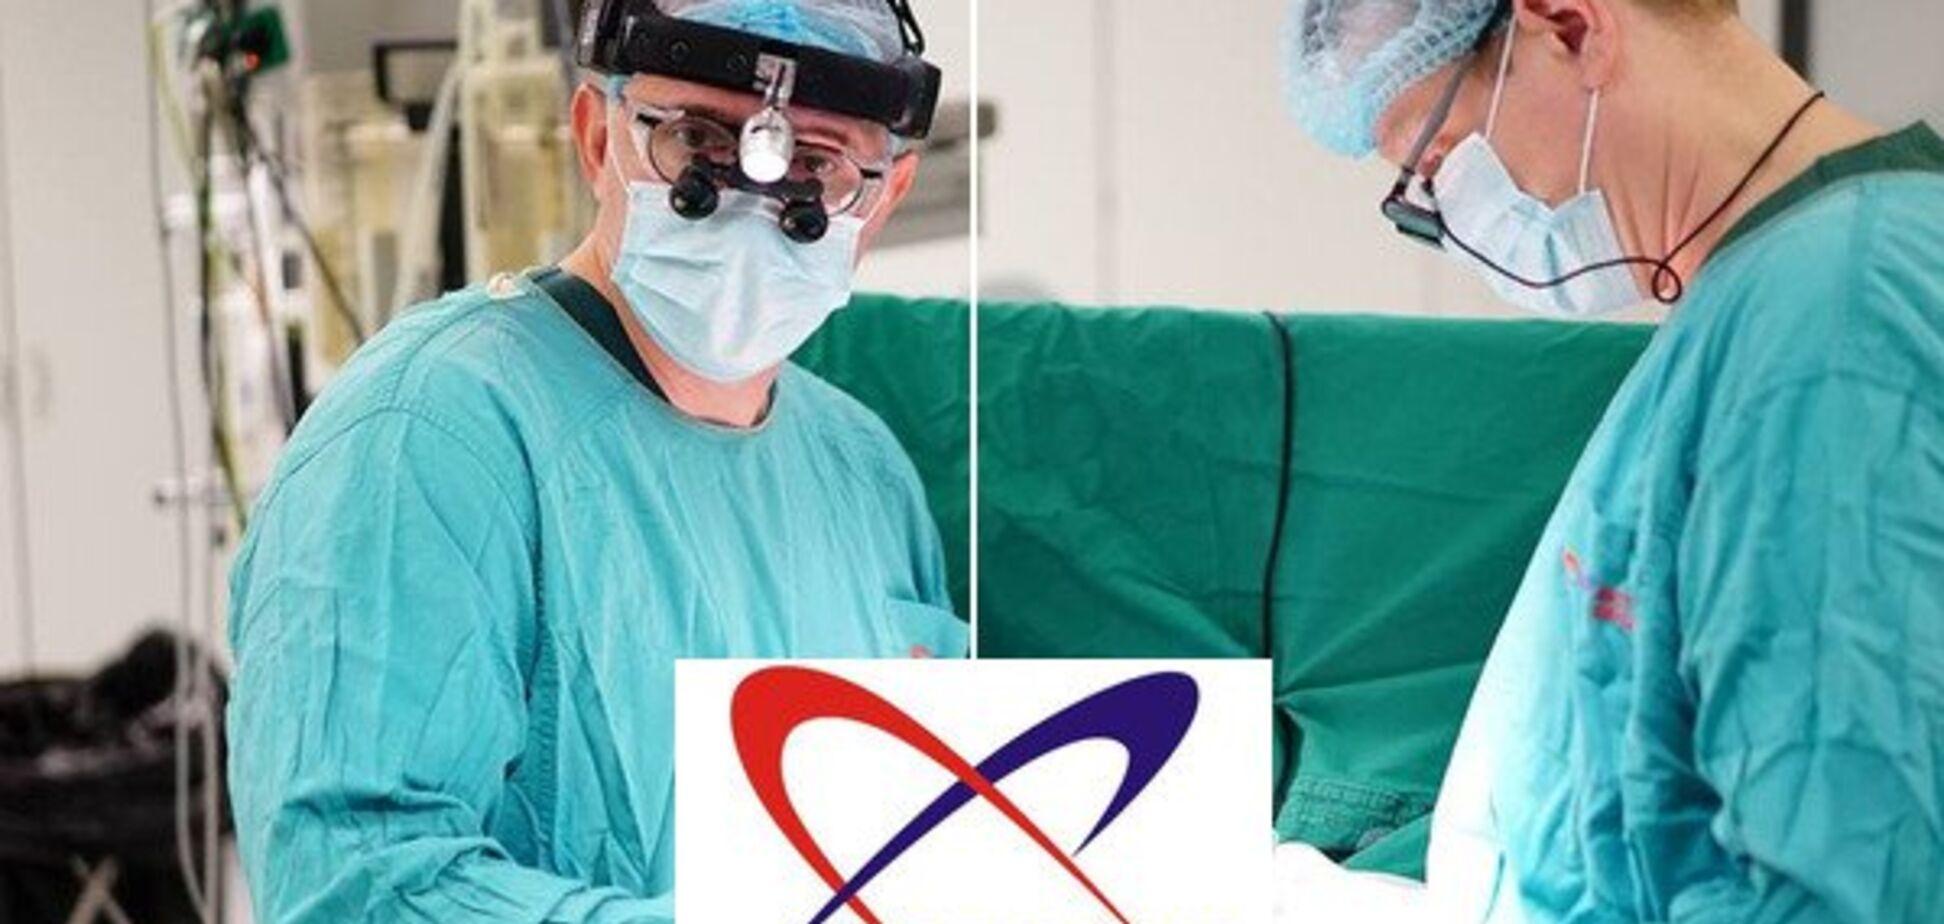 Институт сердца: жизнь пациентов в надежных руках!